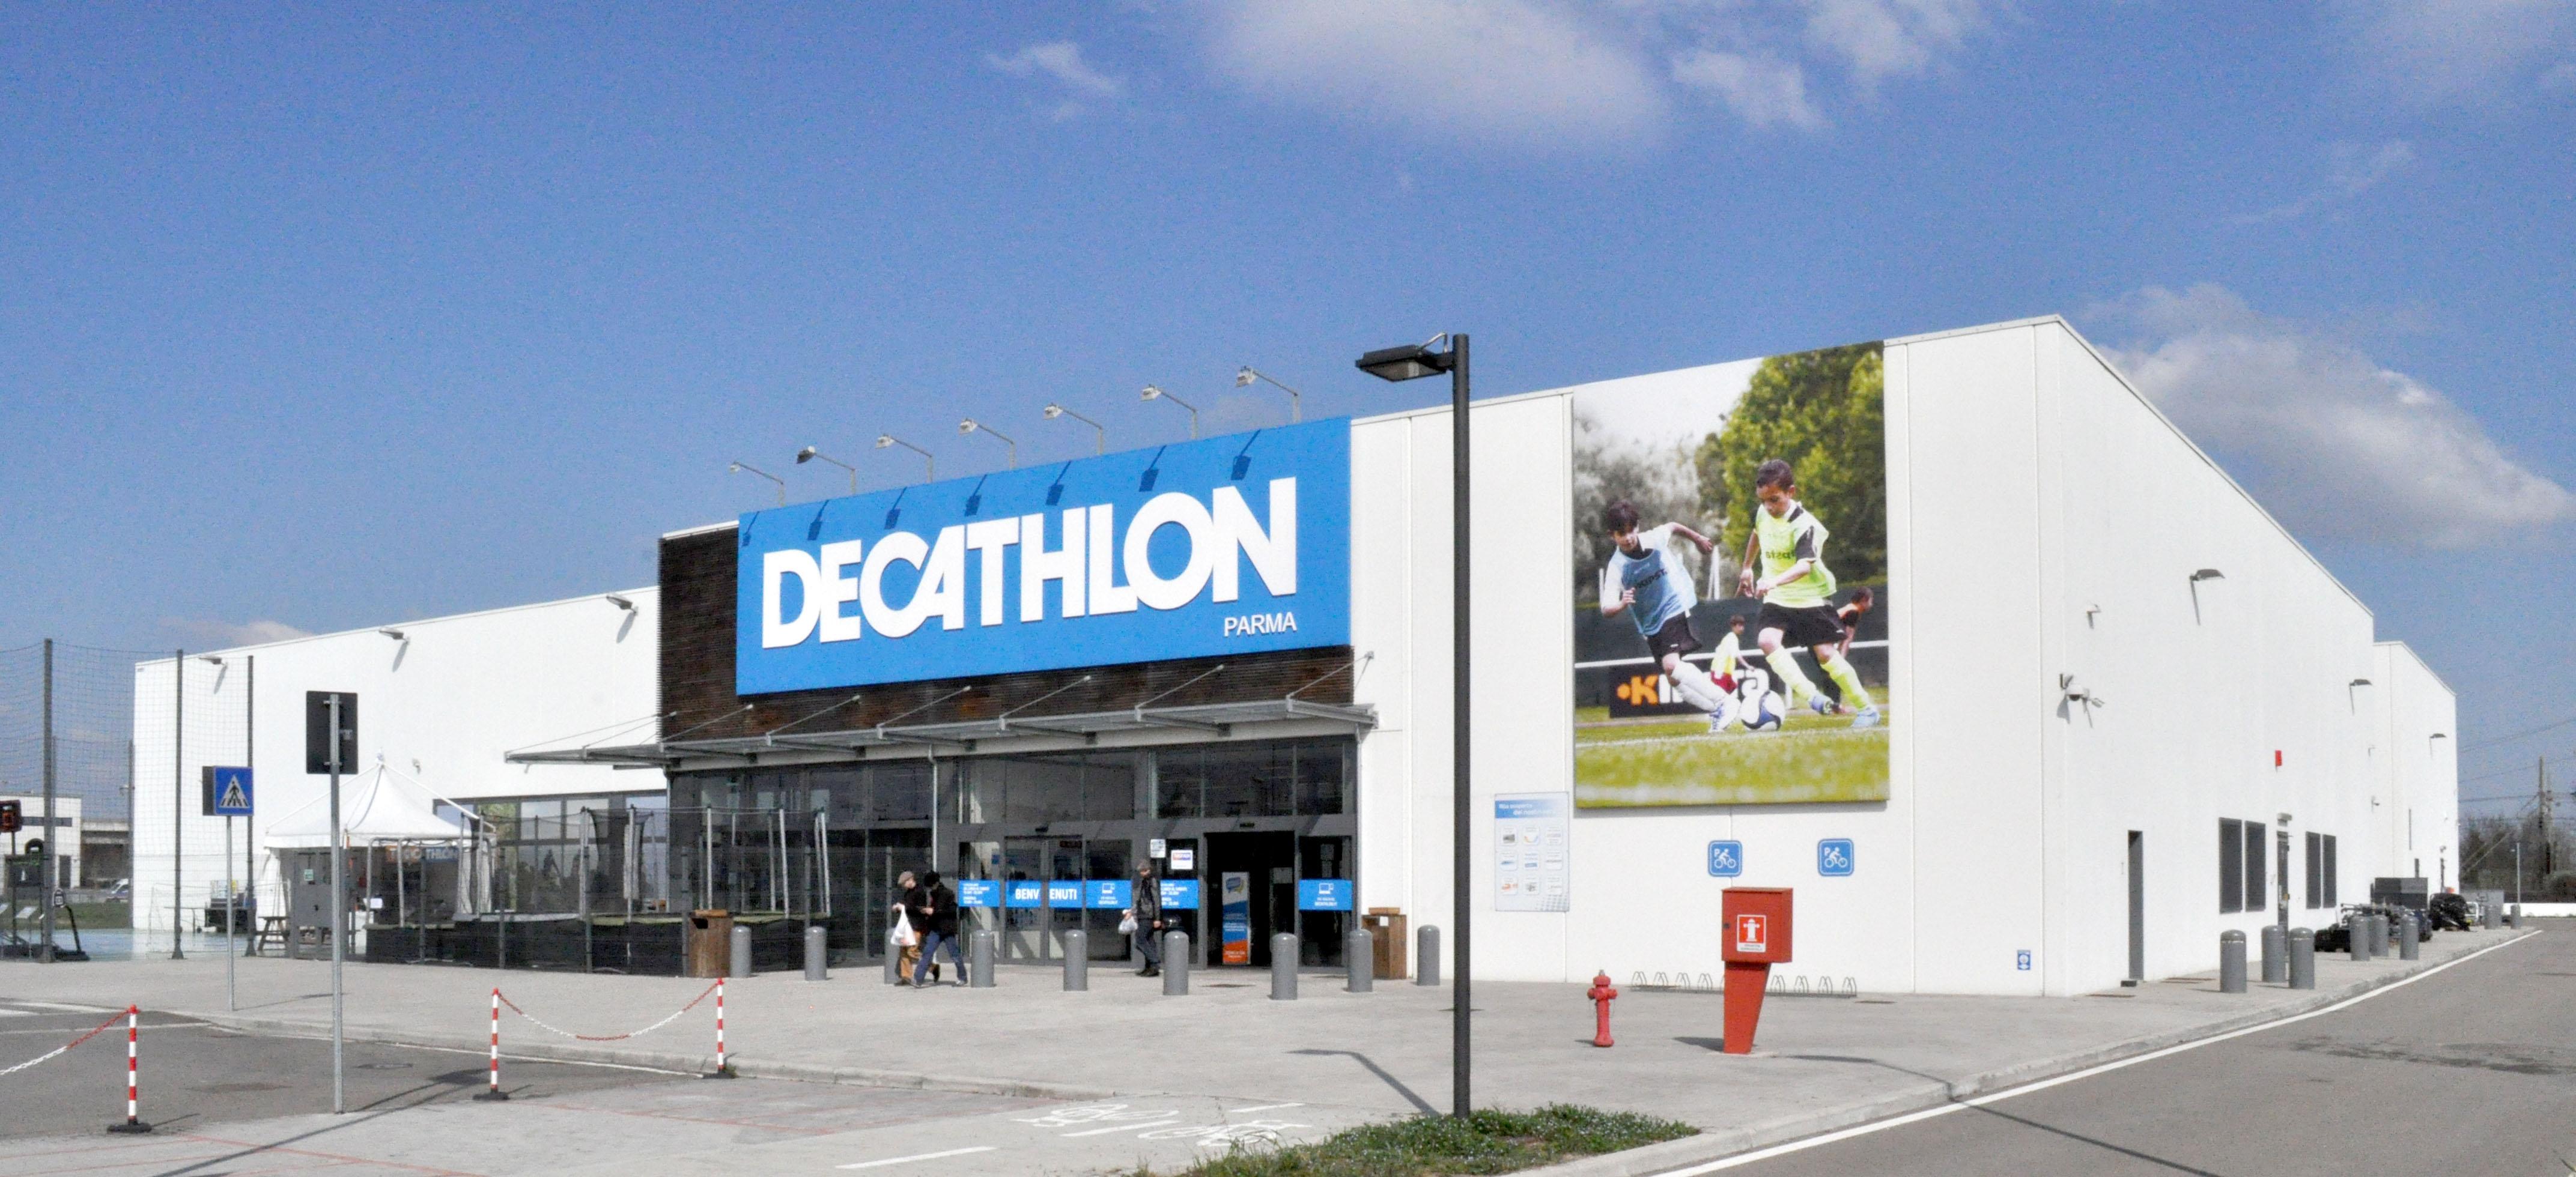 Thumbnail Decathlon Parma / 5